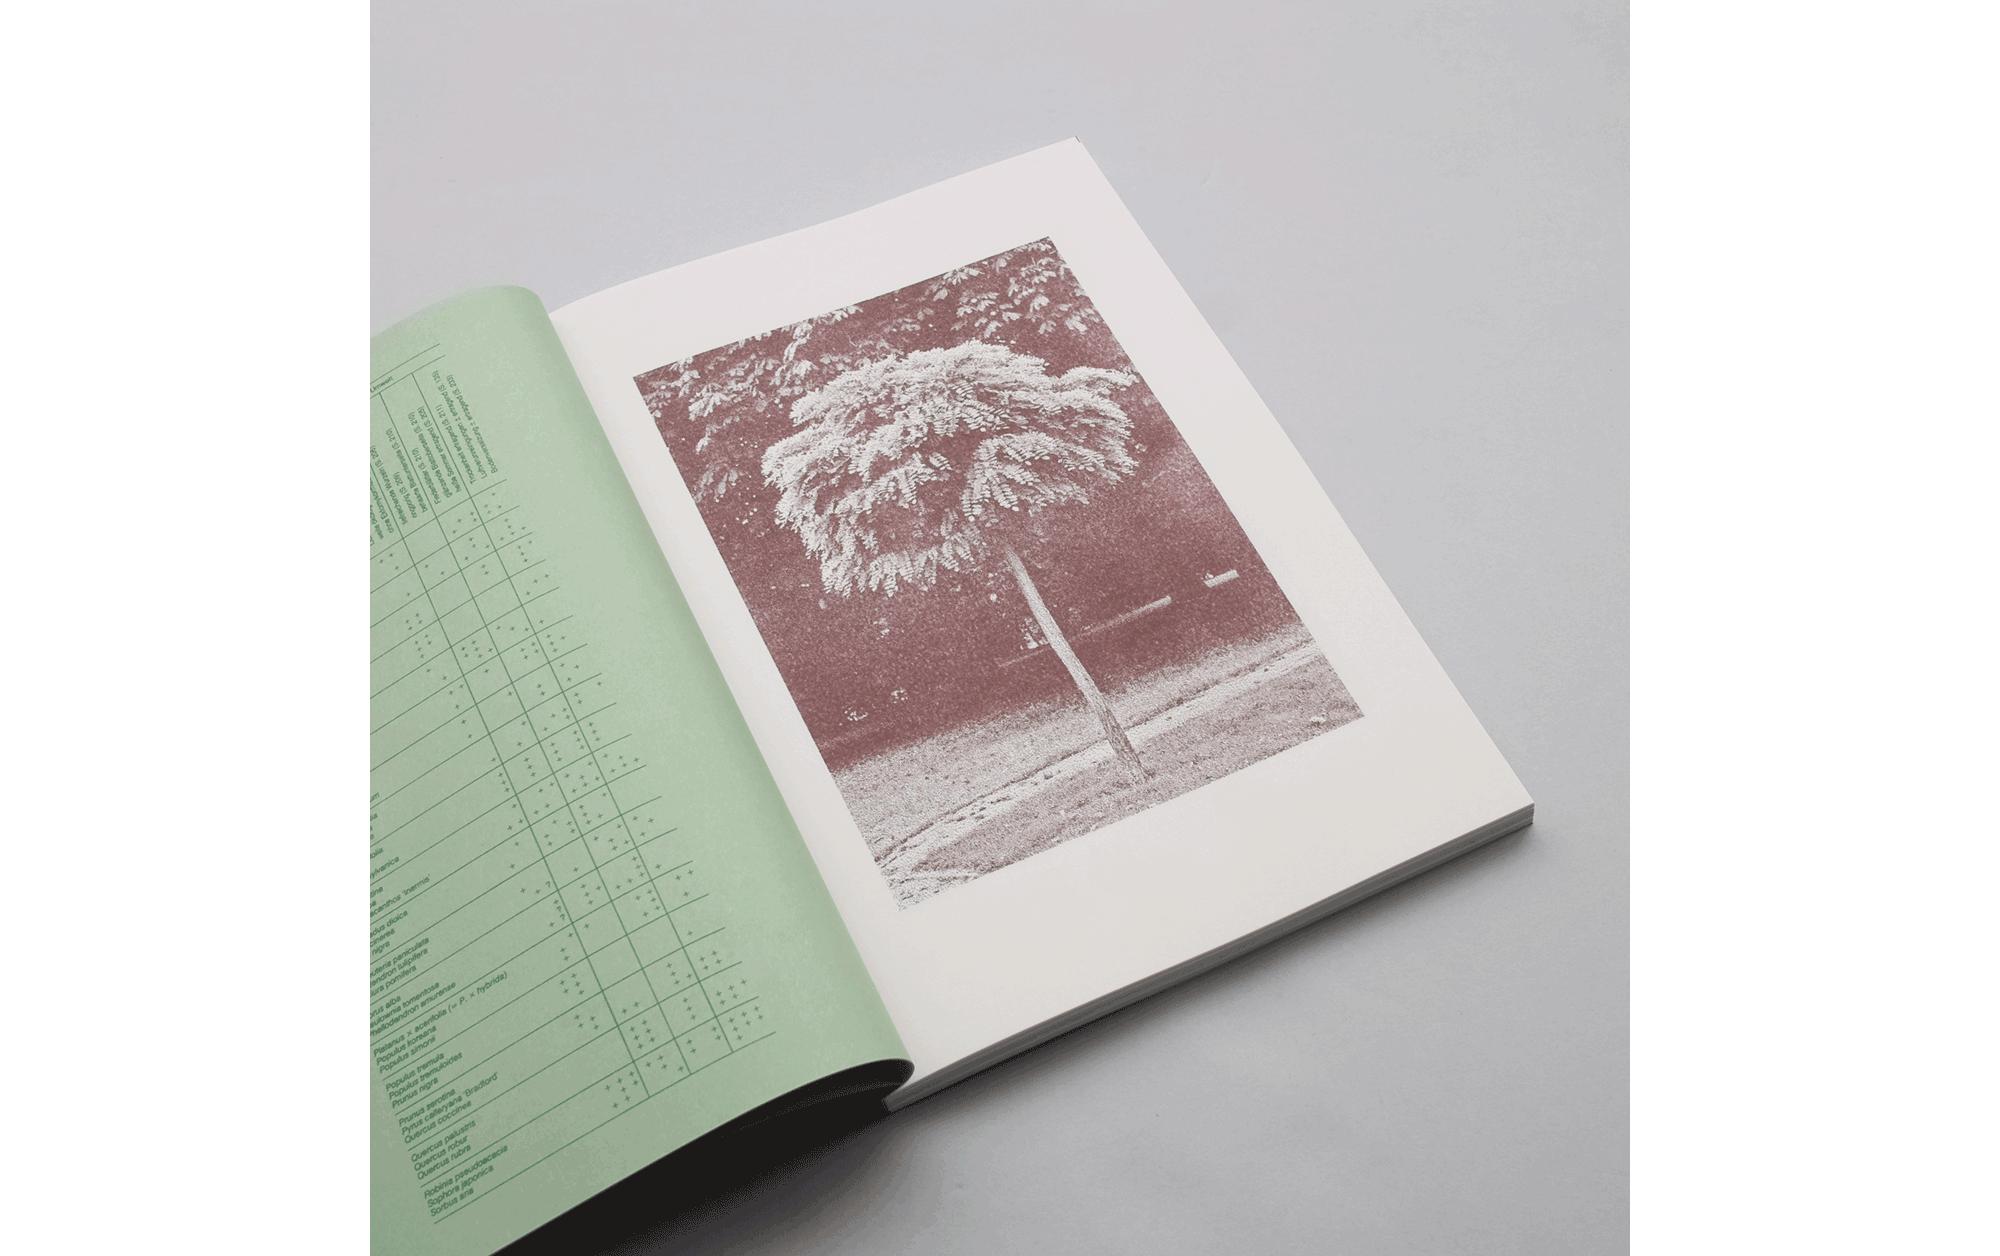 書店員がピックアップする7月のおすすめ写真集【POST編】 | book-review-20190725post_01